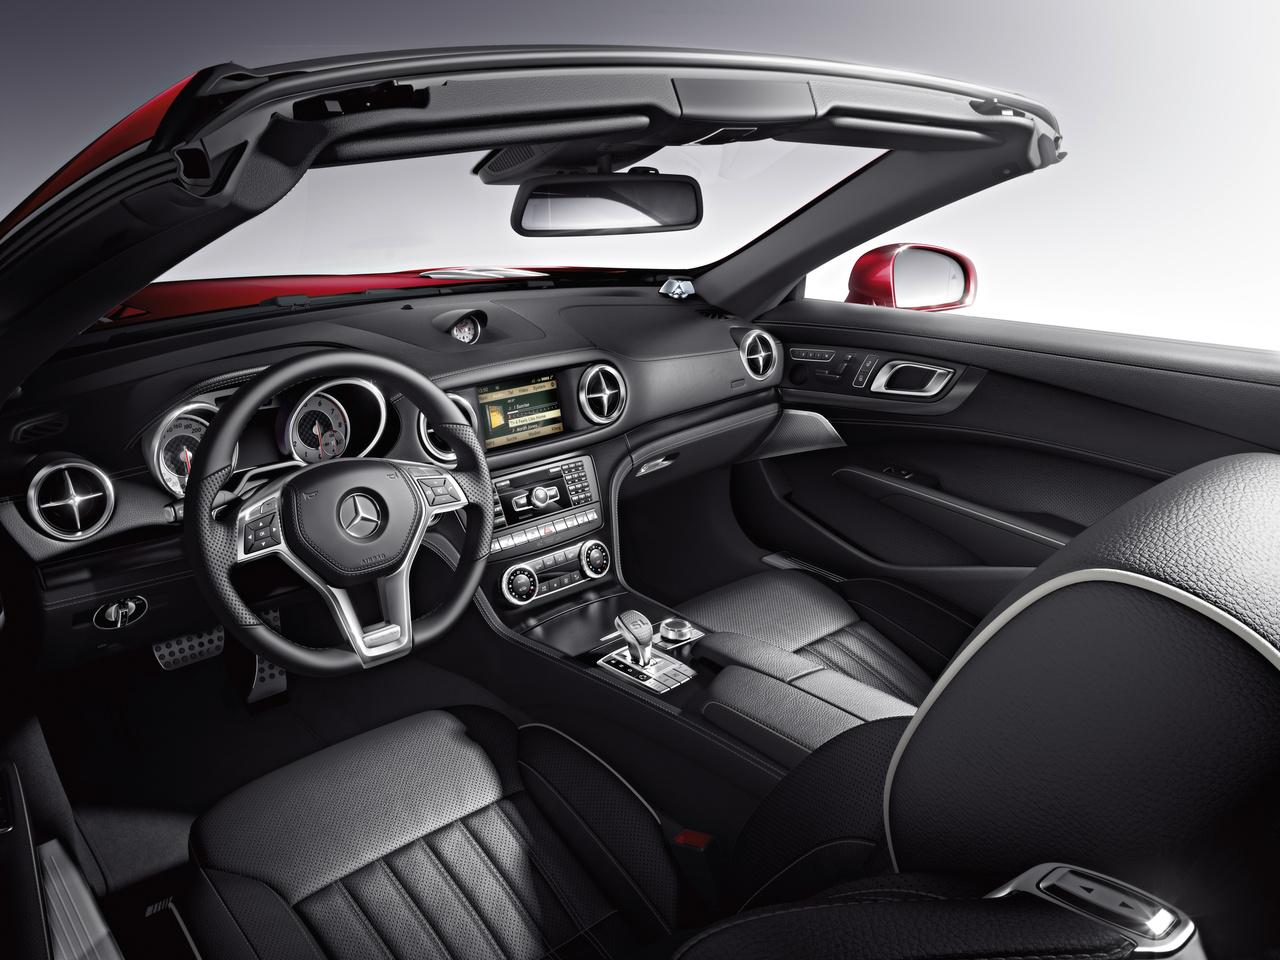 2017 Mercedes-Benz SL Roadster Innenraum